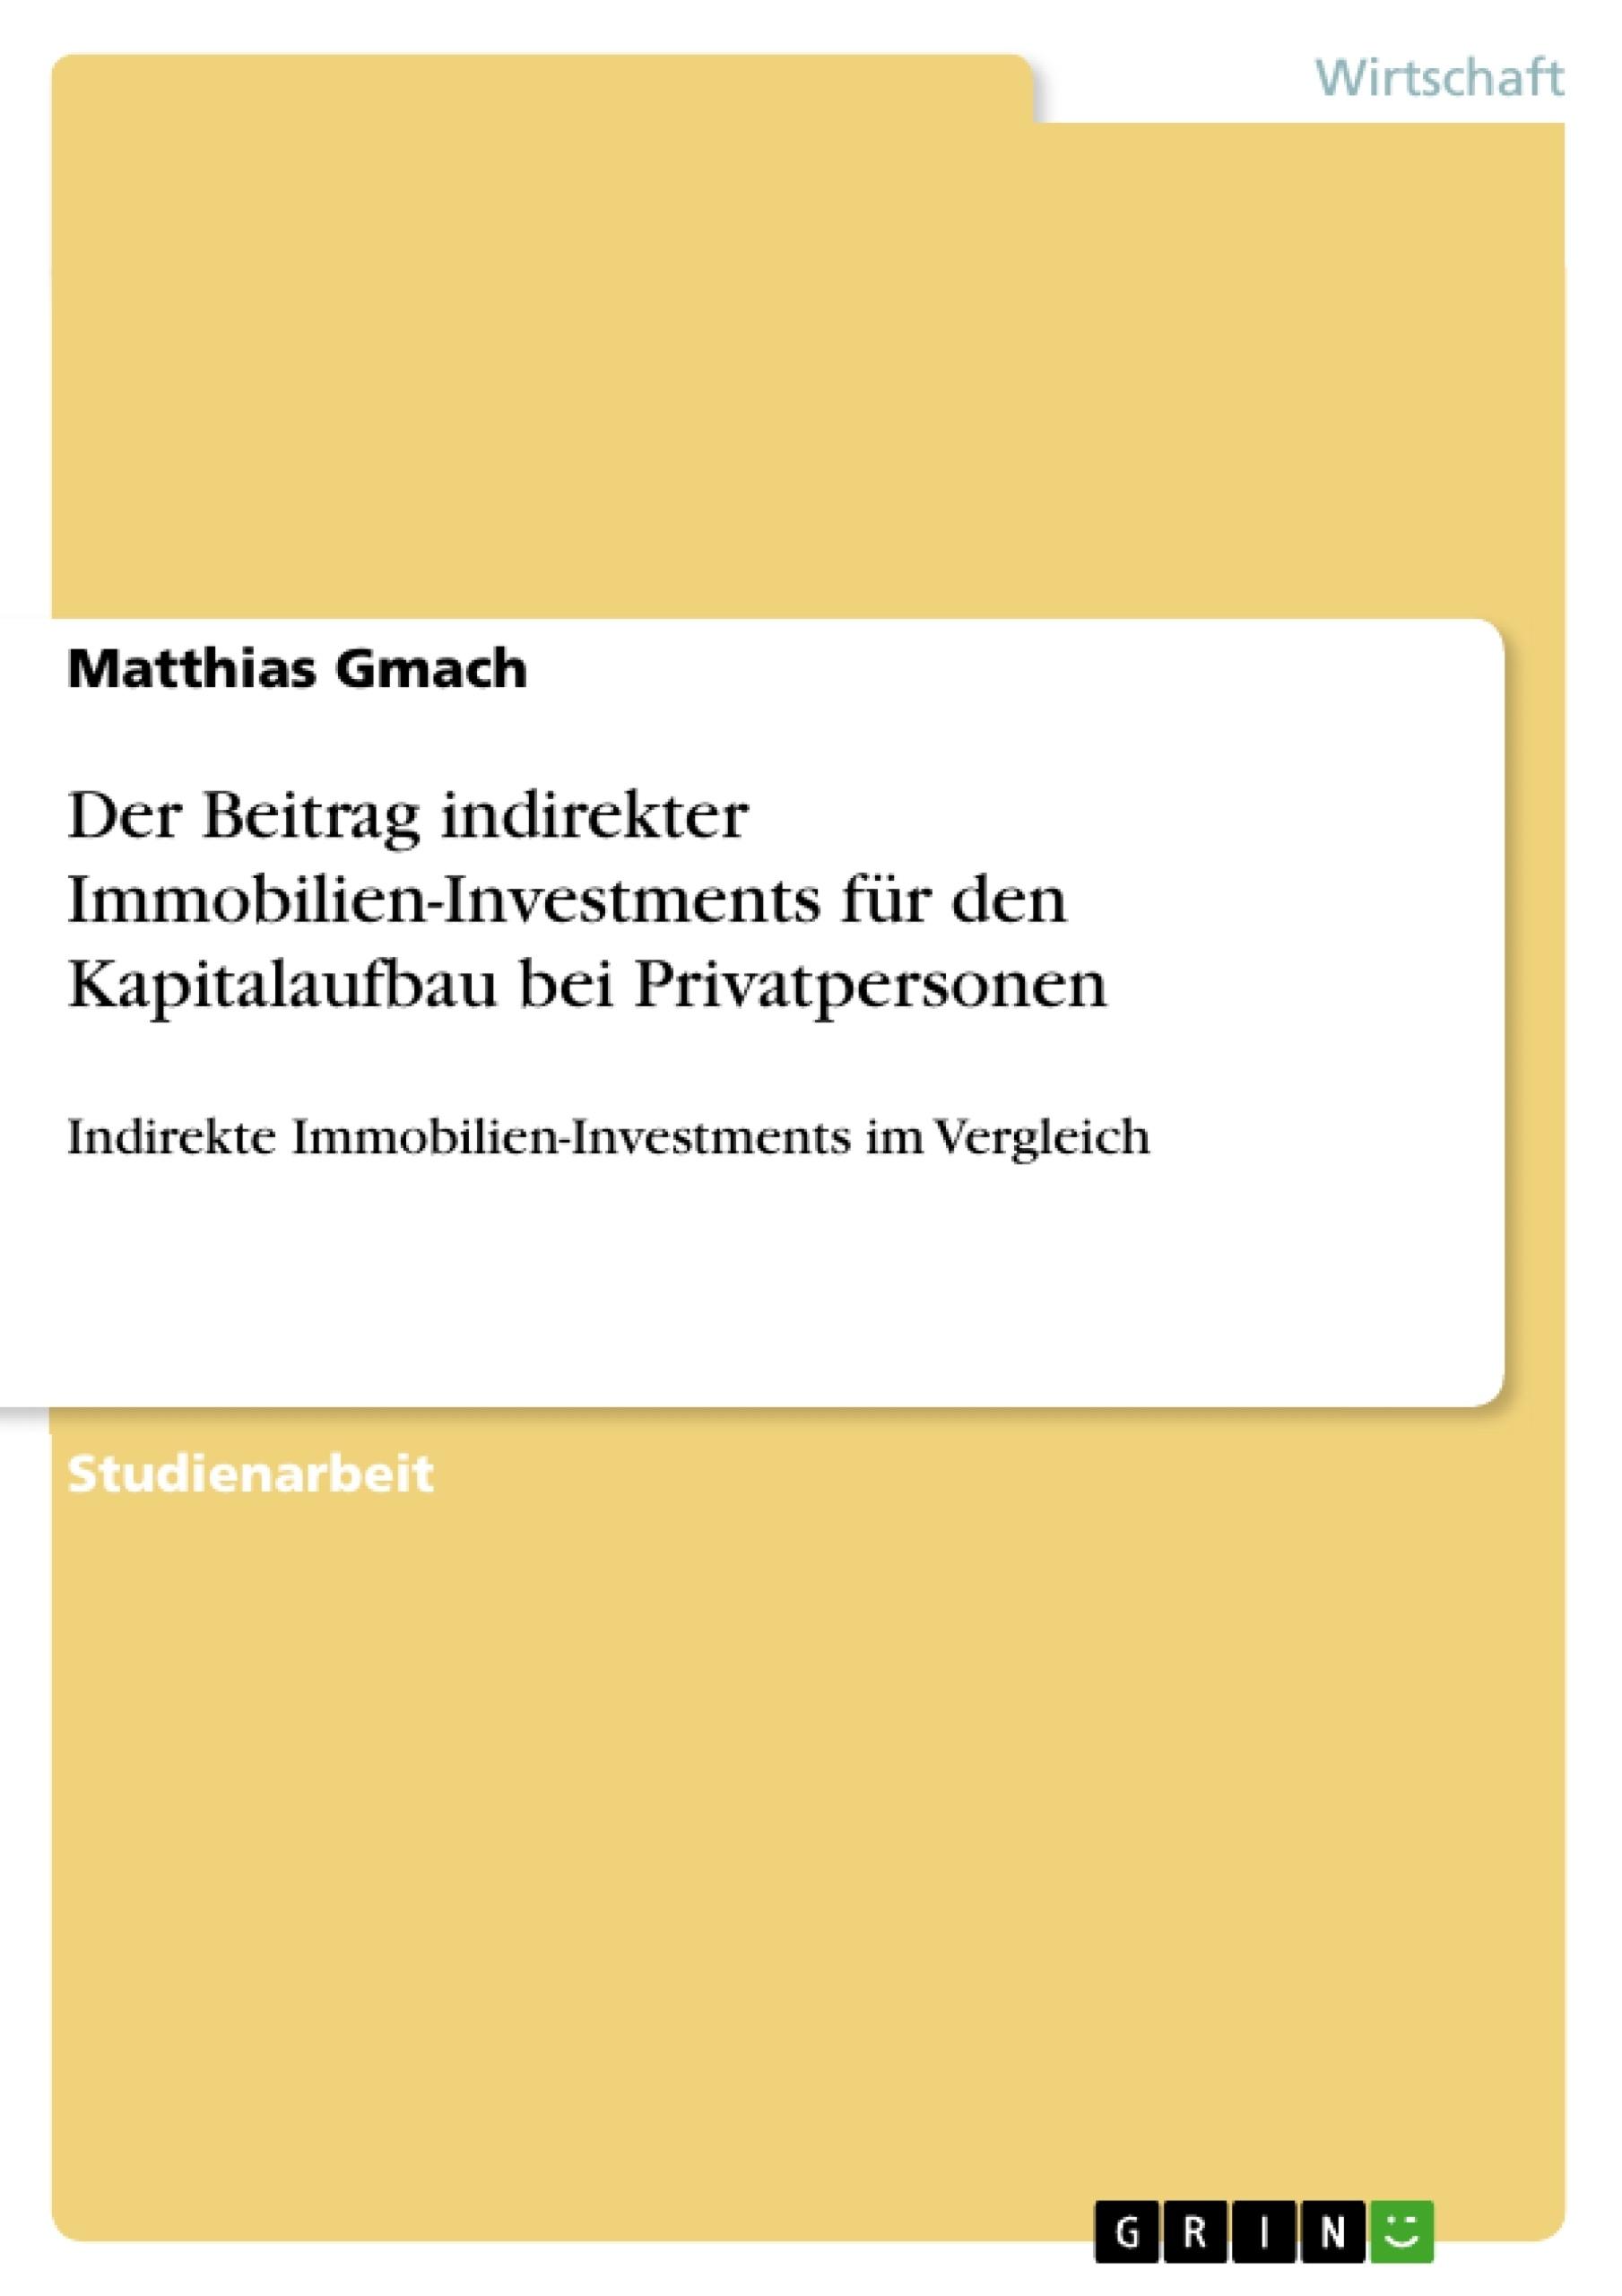 Titel: Der Beitrag indirekter Immobilien-Investments für den Kapitalaufbau bei Privatpersonen